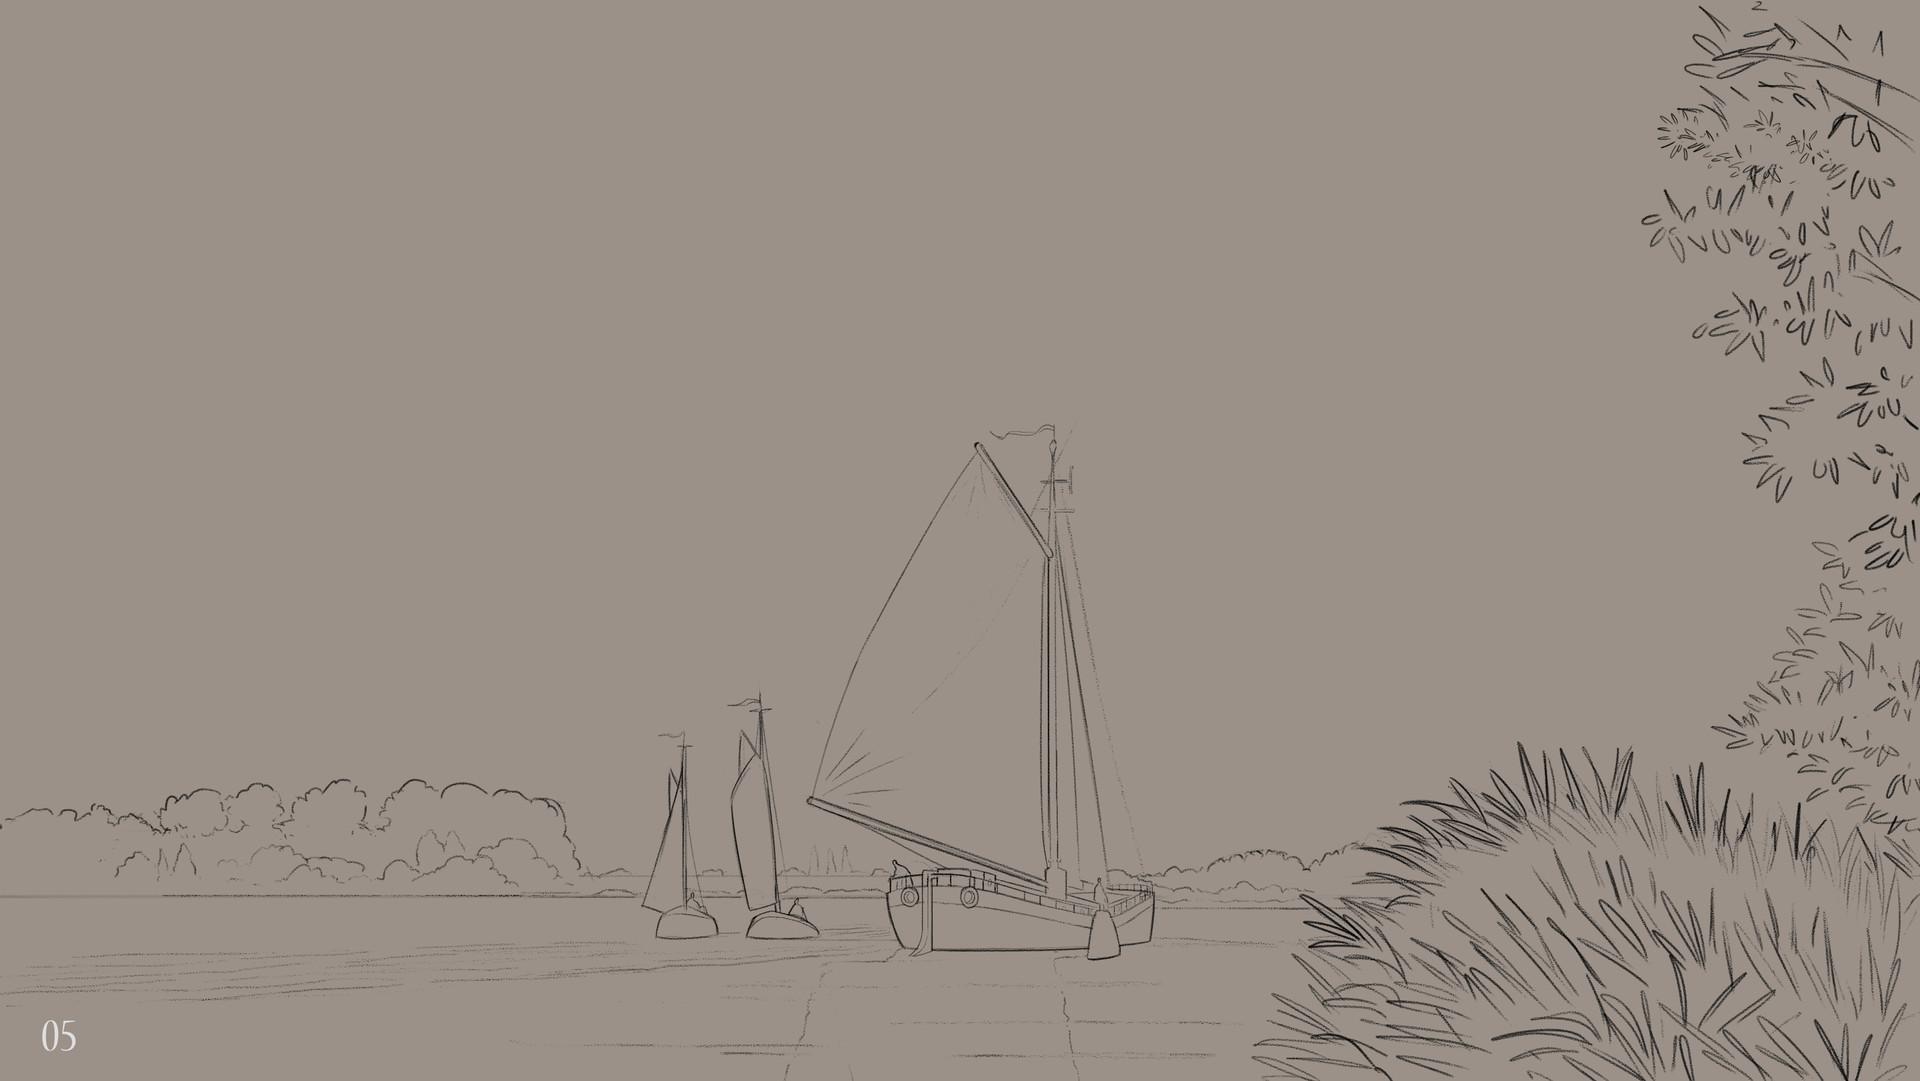 Waterlands - Line Drawings